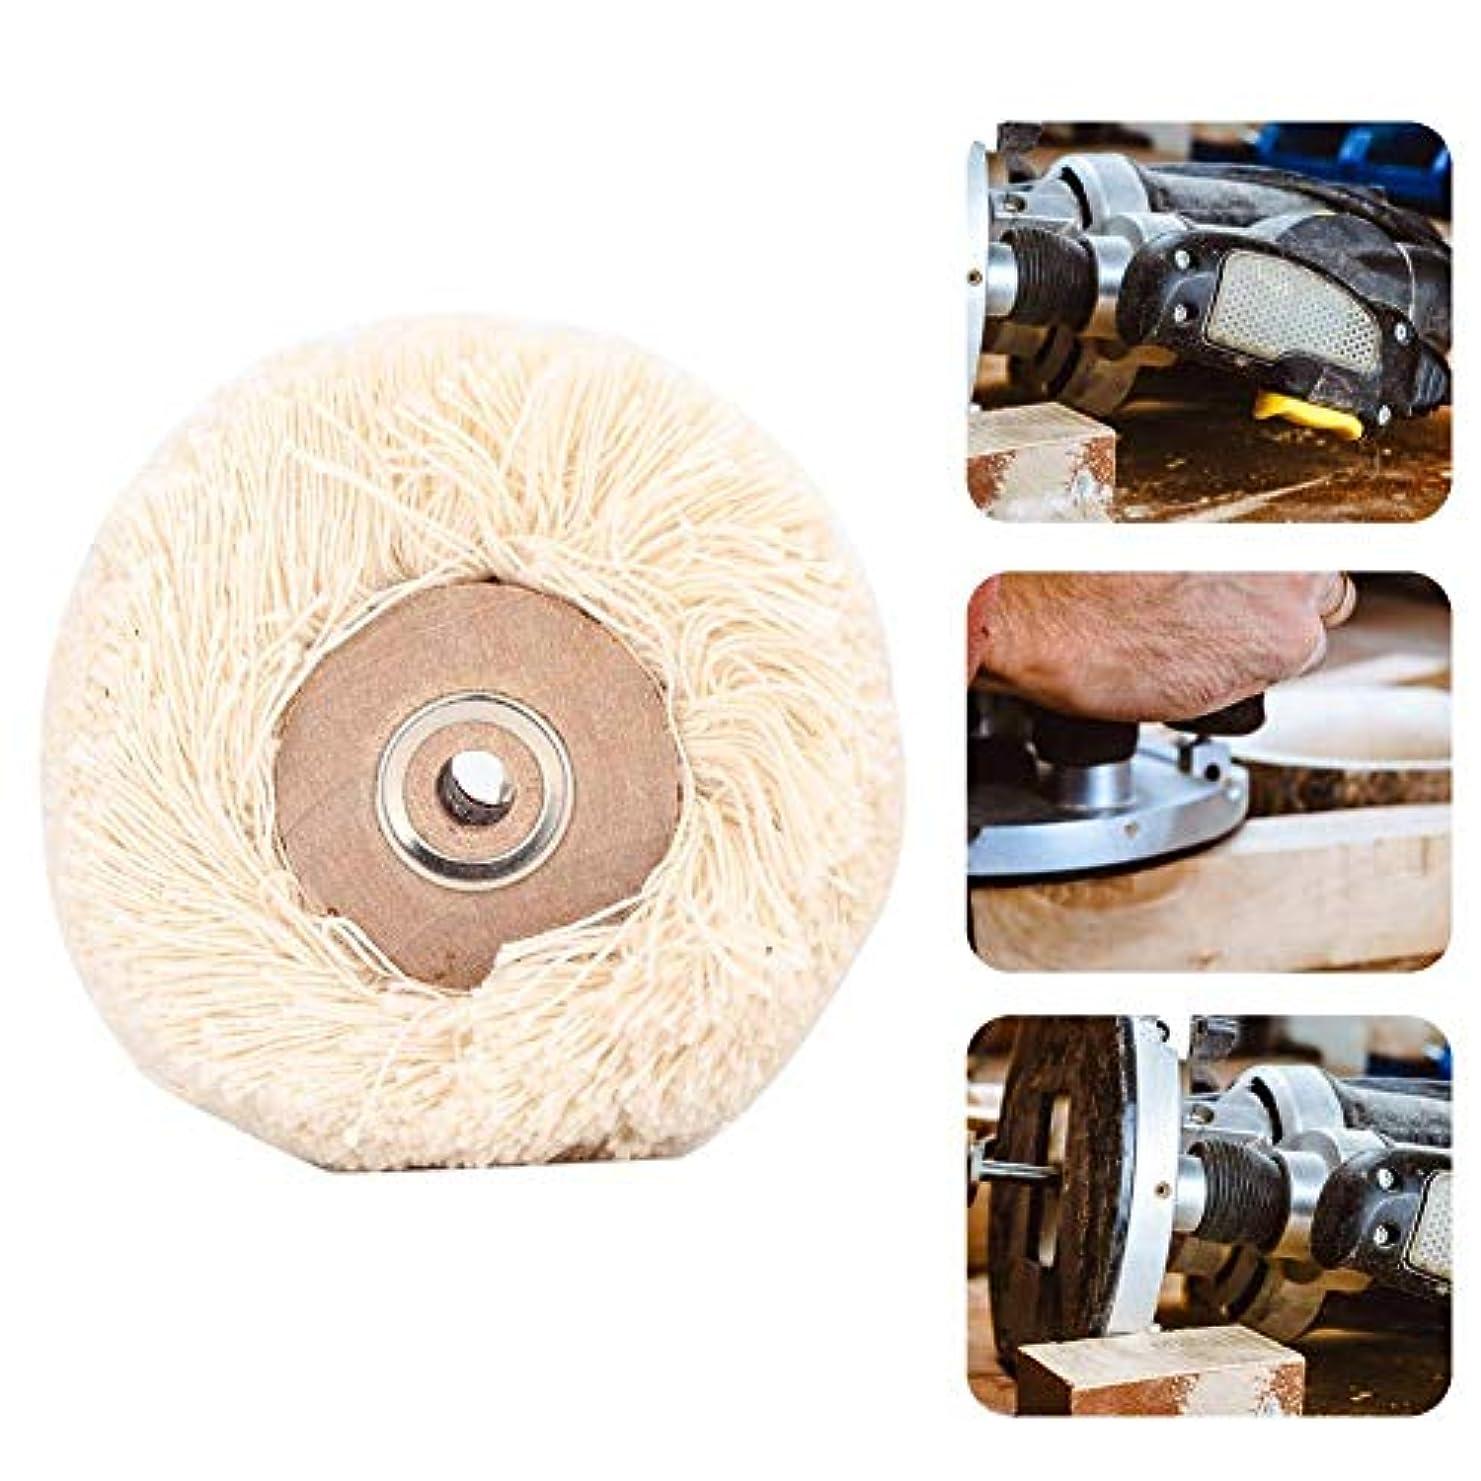 三角証明石膏研磨ヘッド 回転工具 研磨ドリルグラインダーホイールブラシジュエリー研磨工具(M)